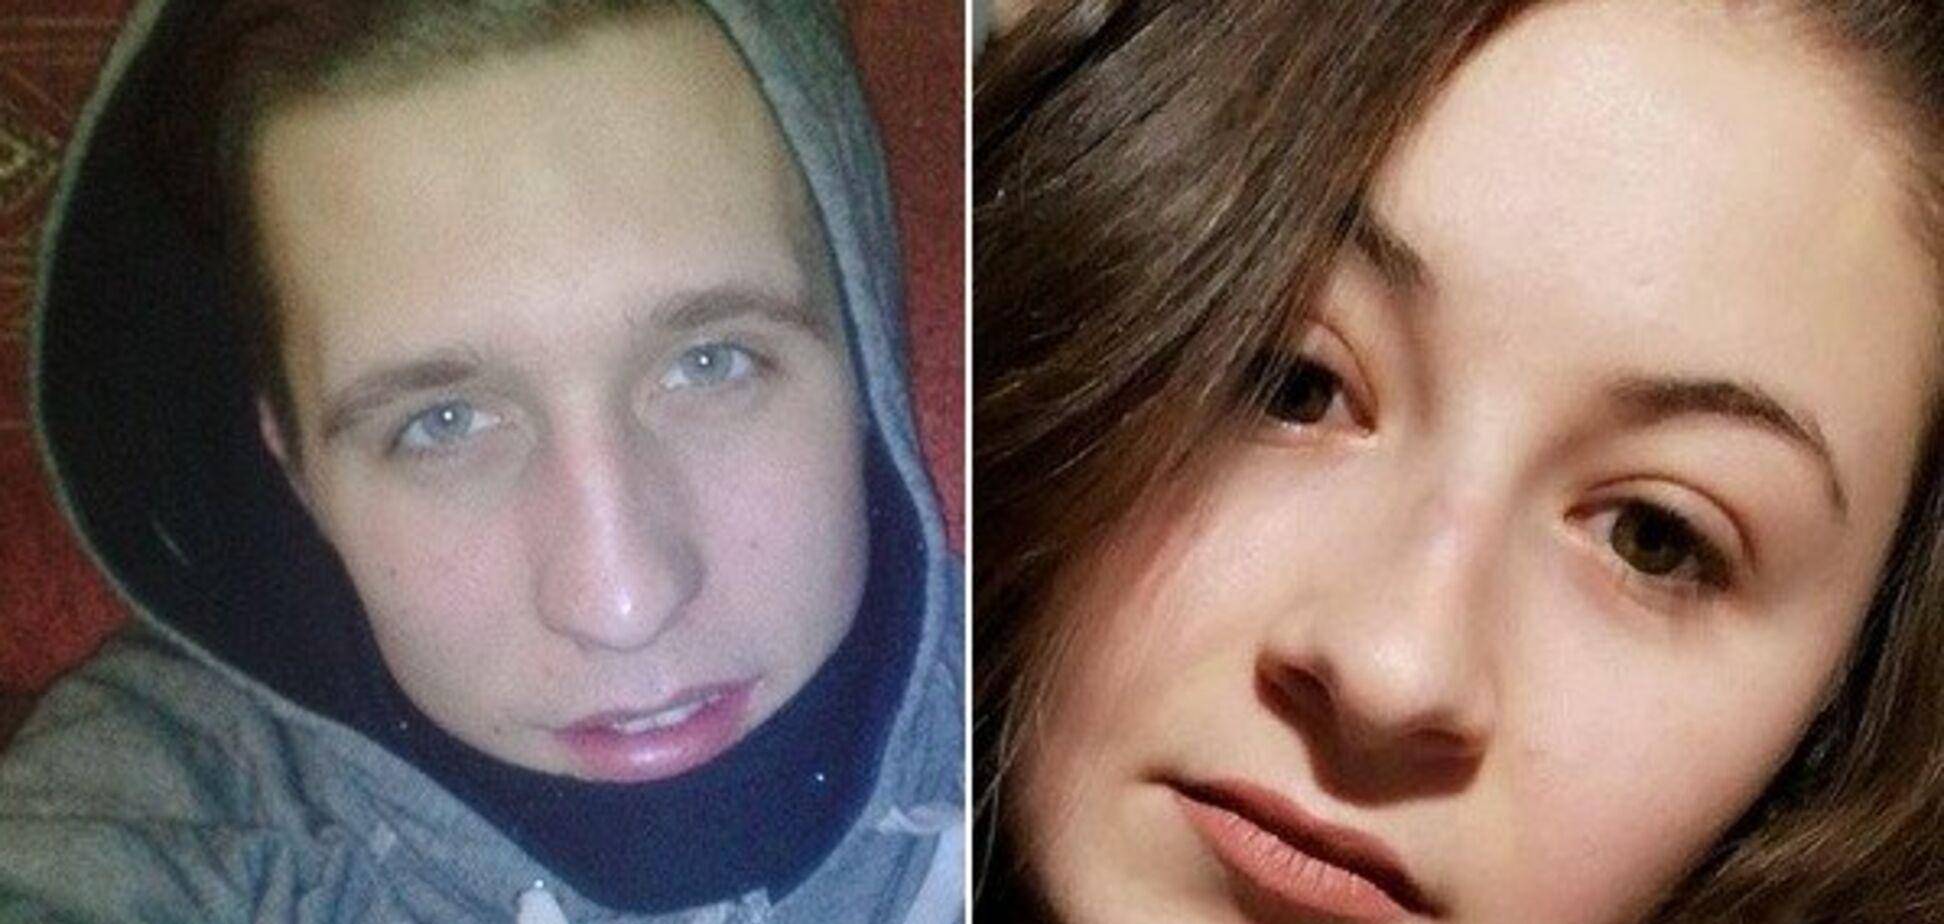 ''Без жалю до людей'': знайомі можливого вбивці сім'ї в Житомирі розповіли про його темну сторону